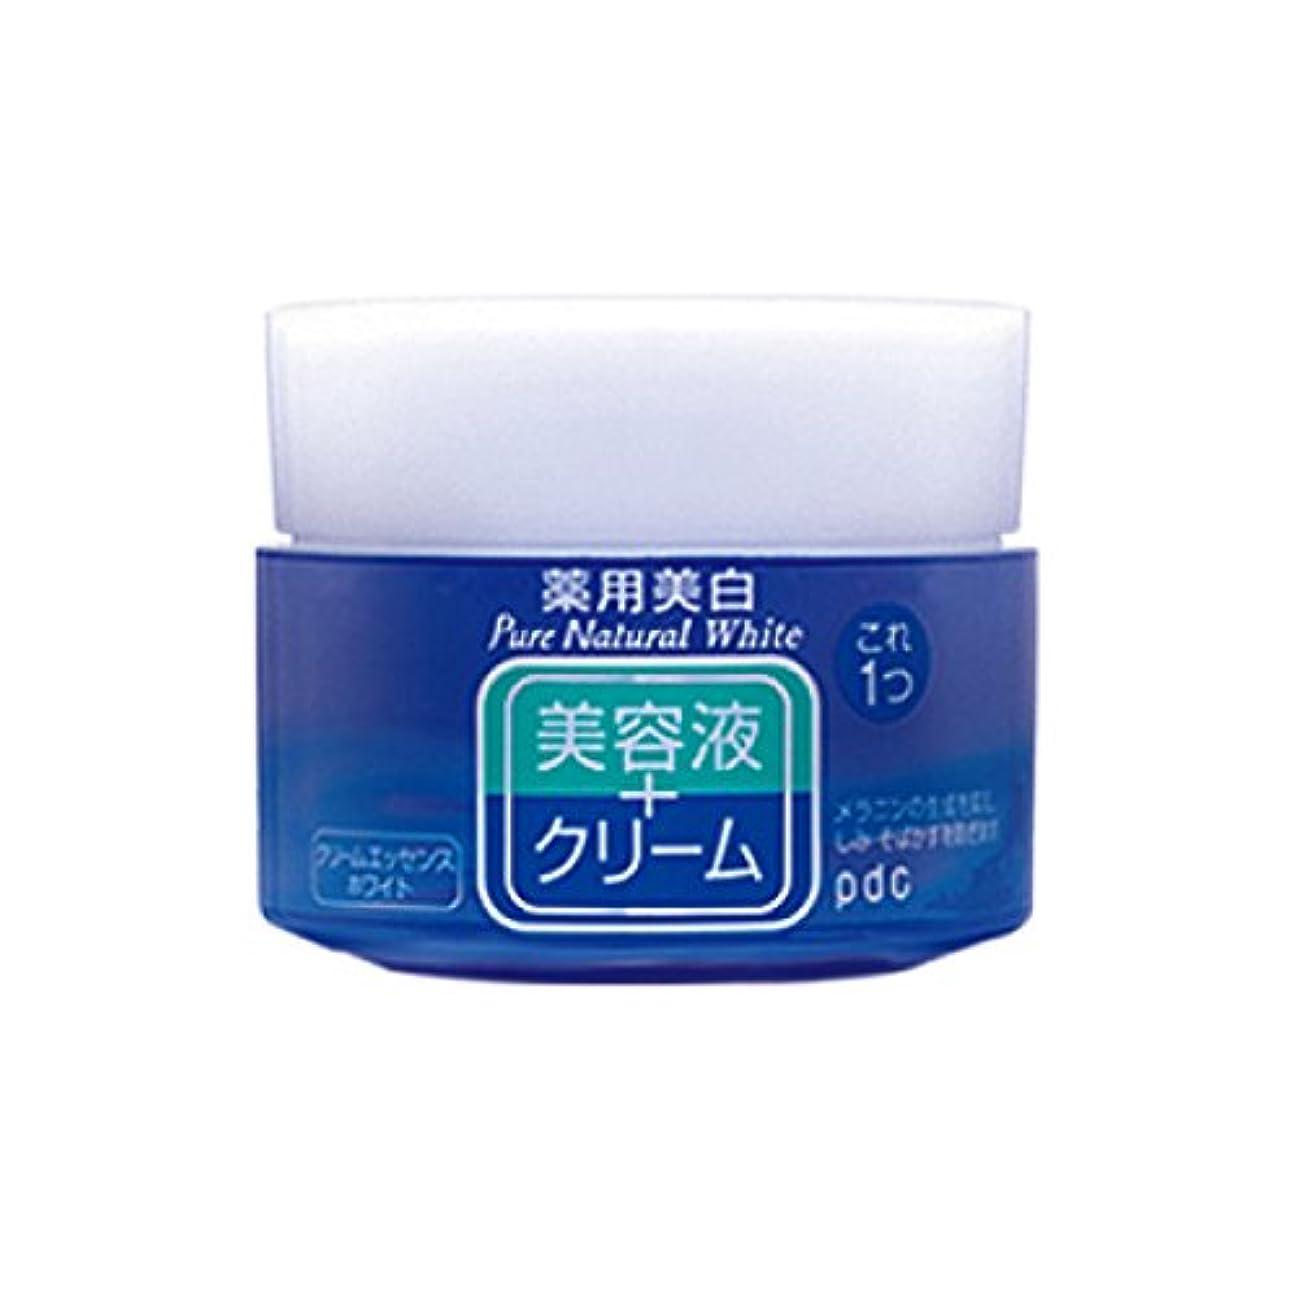 マイル該当する引き金Pure NATURAL(ピュアナチュラル) クリームエッセンス ホワイト 100g (医薬部外品)